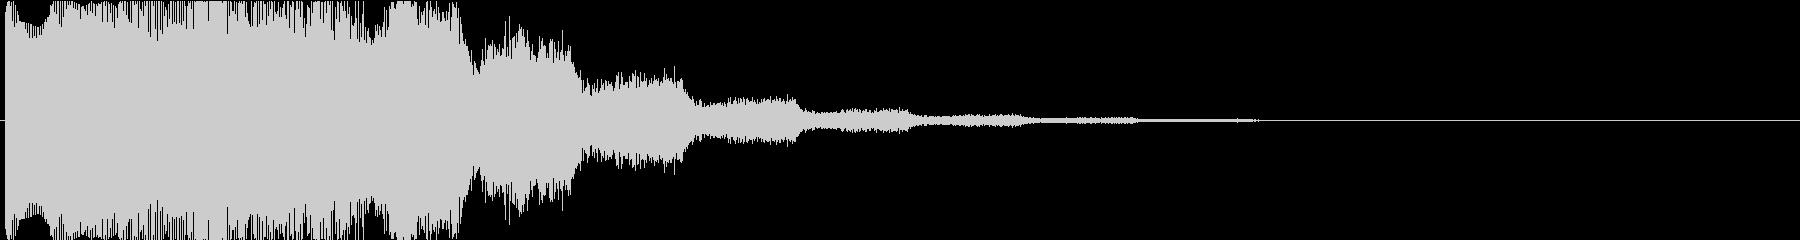 ゲーム:何か怪しいものを見つけた時の音4の未再生の波形